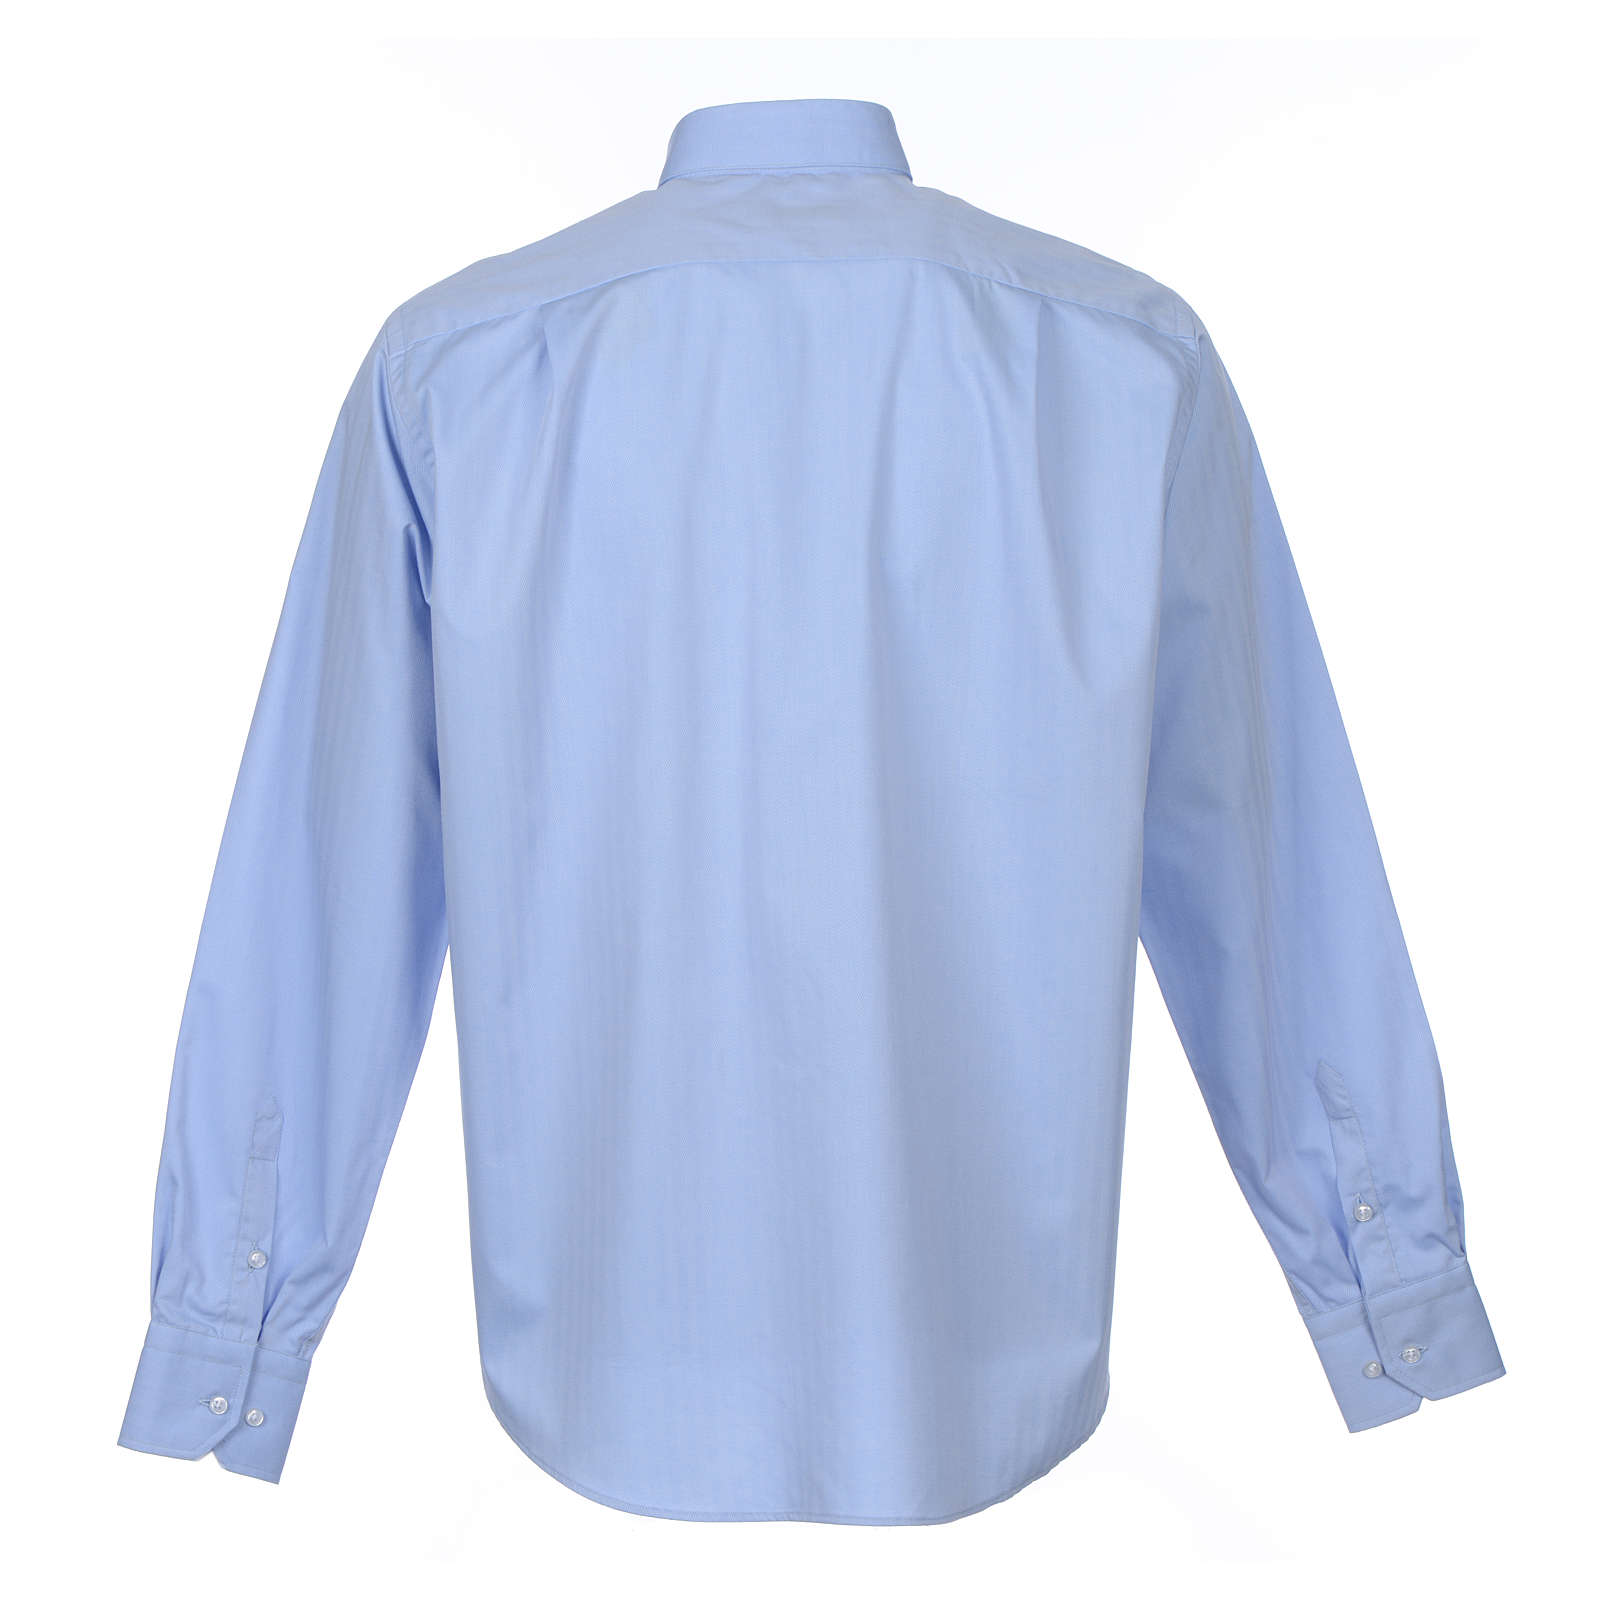 Collarhemd mit Langarm aus leicht zu bügelnden Baumwoll-Polyester-Mischgewebe mit Fischgrätenmuster in der Farbe Hellblau 4